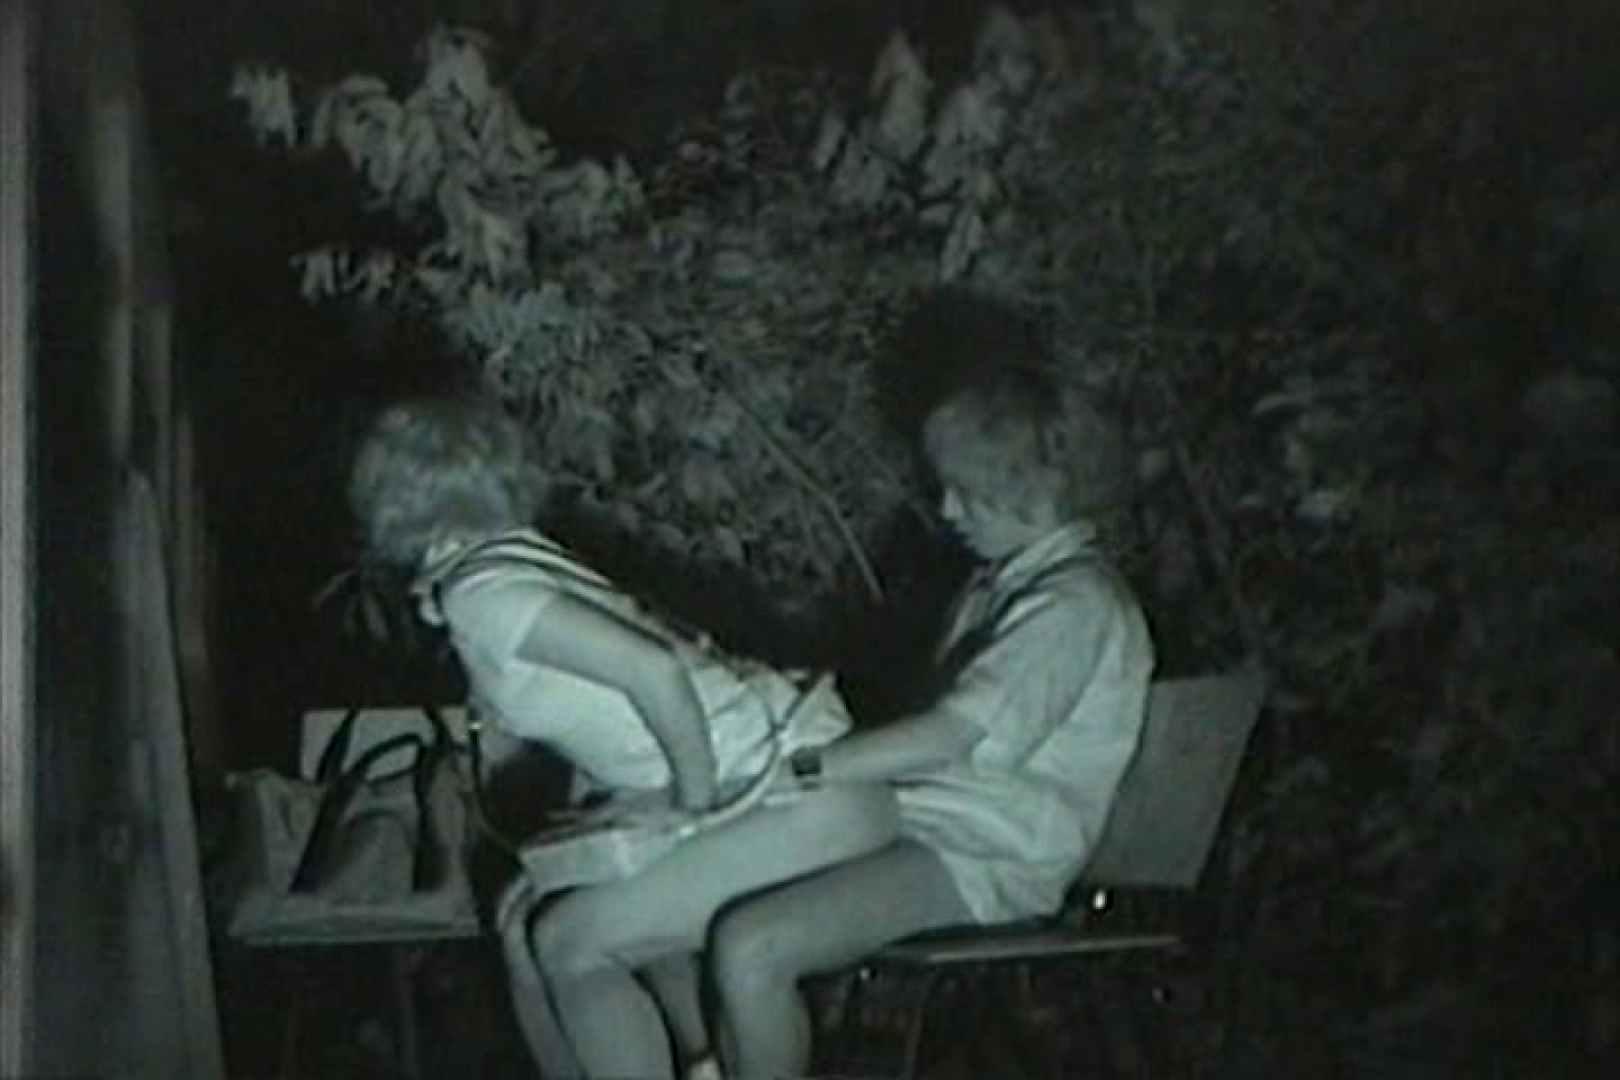 闇の仕掛け人 無修正版 Vol.24 ラブホテル隠し撮り ヌード画像 101pic 74